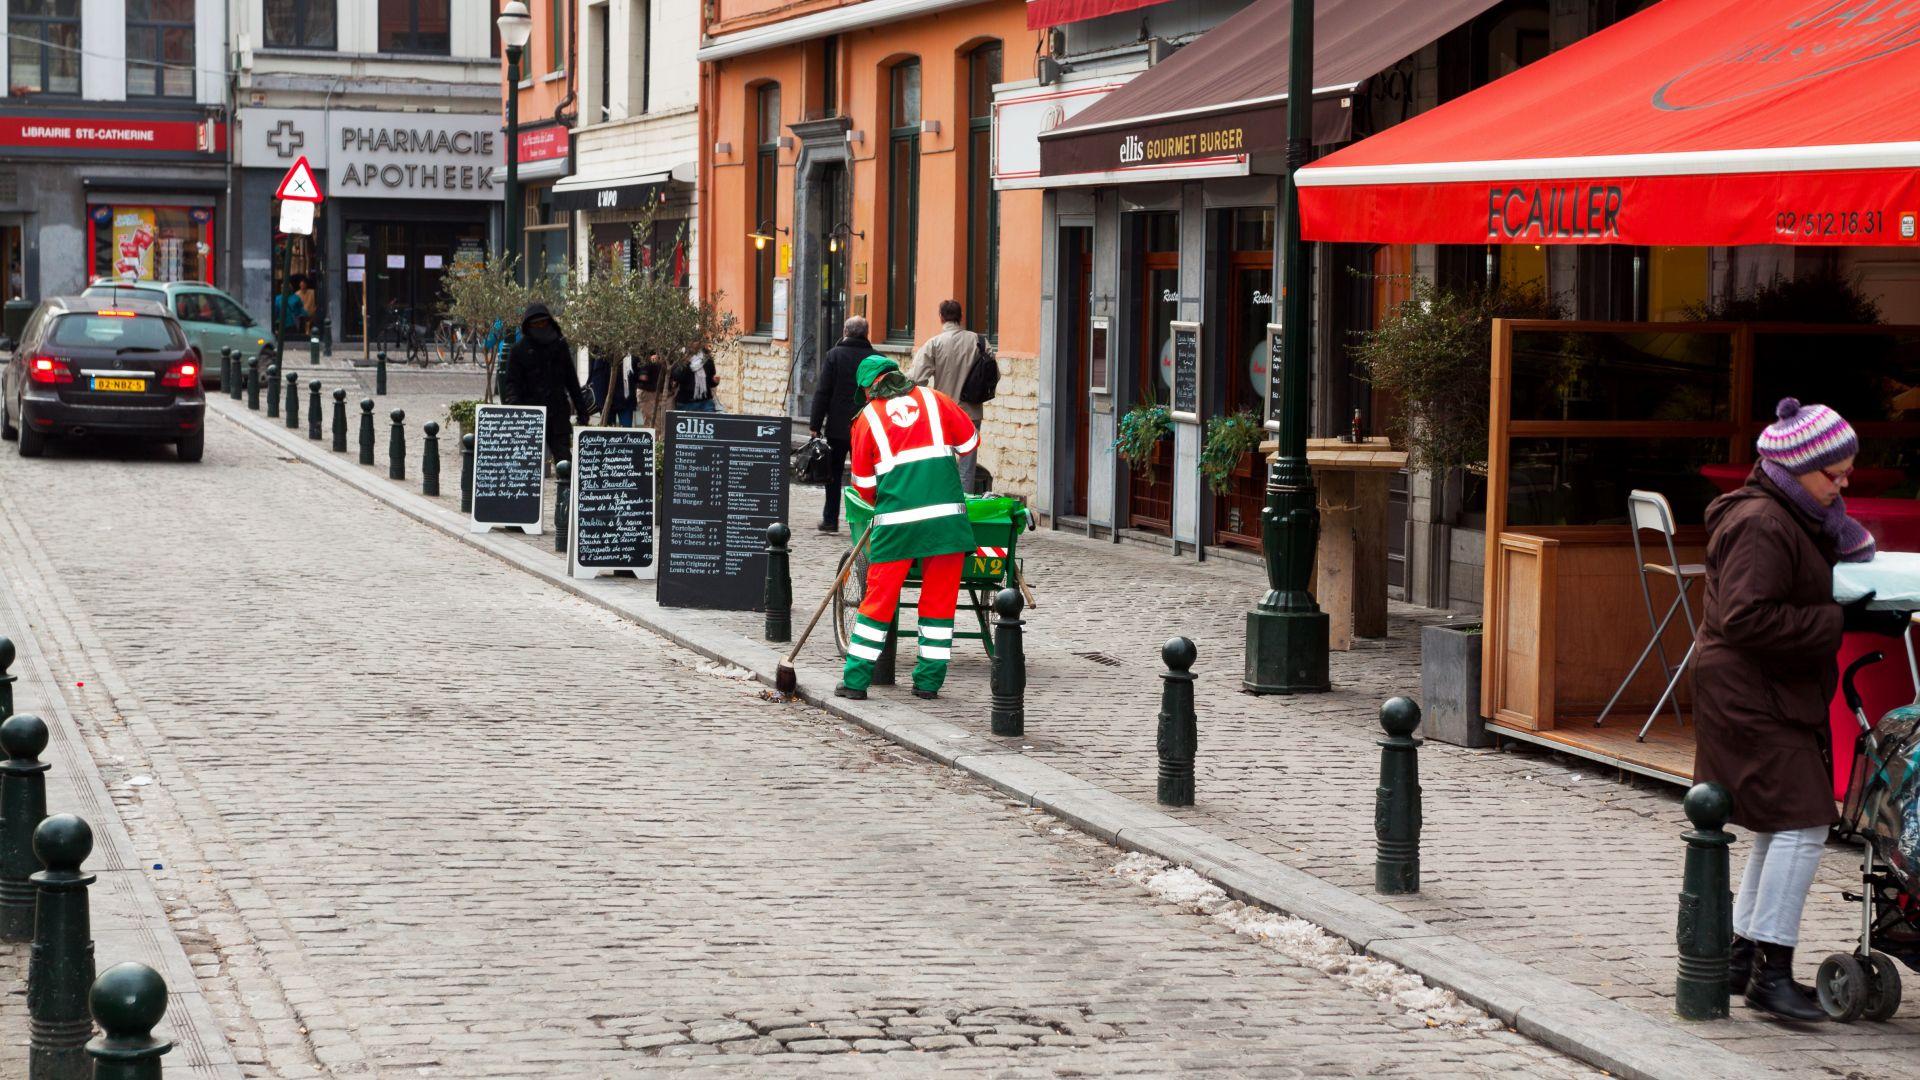 Българите в Брюксел работят основно като чистачки и строители